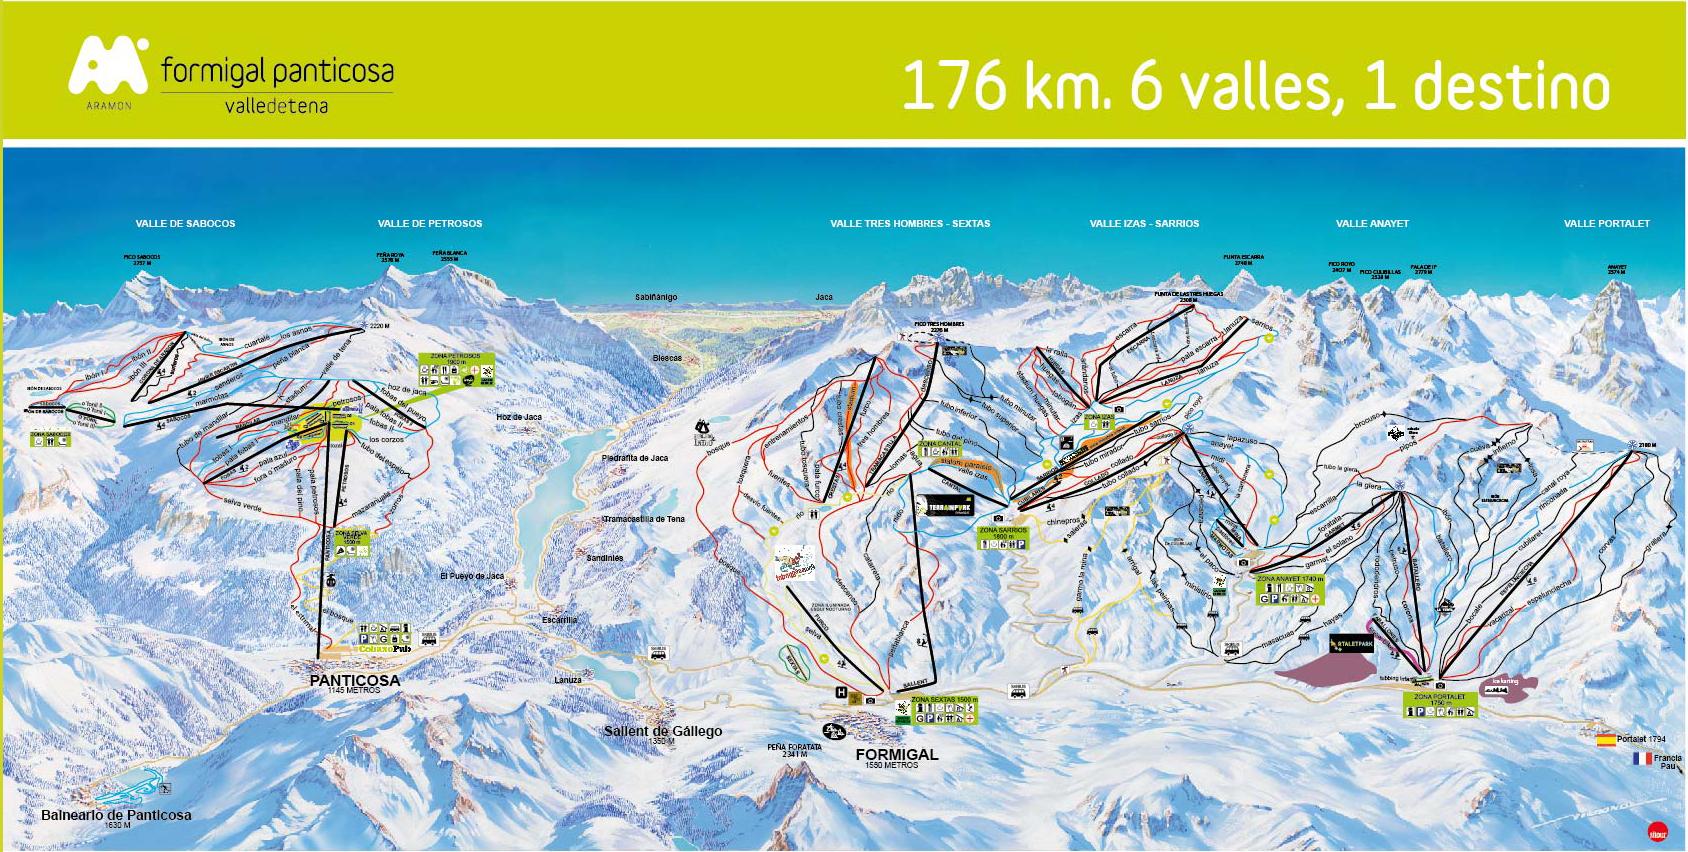 Formigal se une a panticosa creando un dominio de 176 km for Jardin de nieve formigal